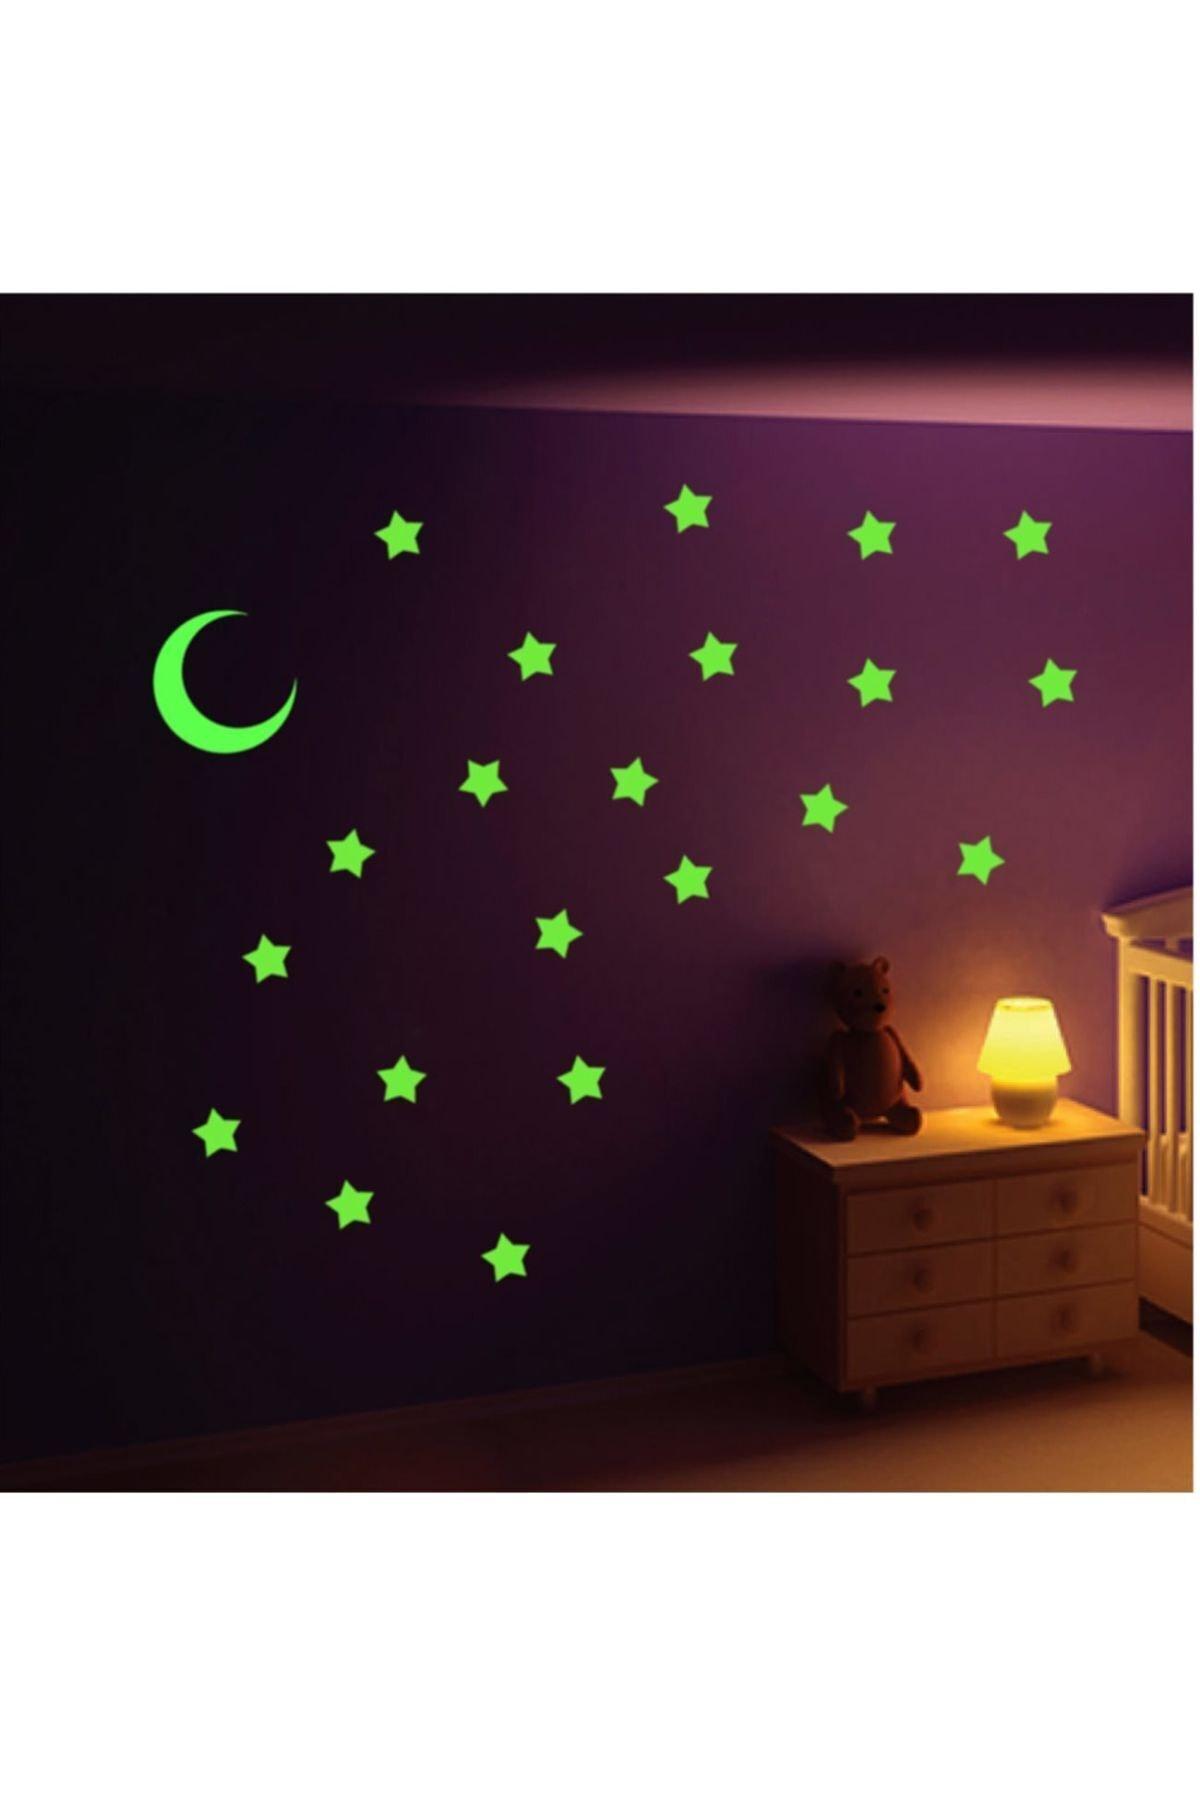 Fosforlu Parlak Yıldız Çıkartma Sticker Ay Yıldız Tavana Yapıştırmalı 12 Parça Kurban Bayramı Süsü